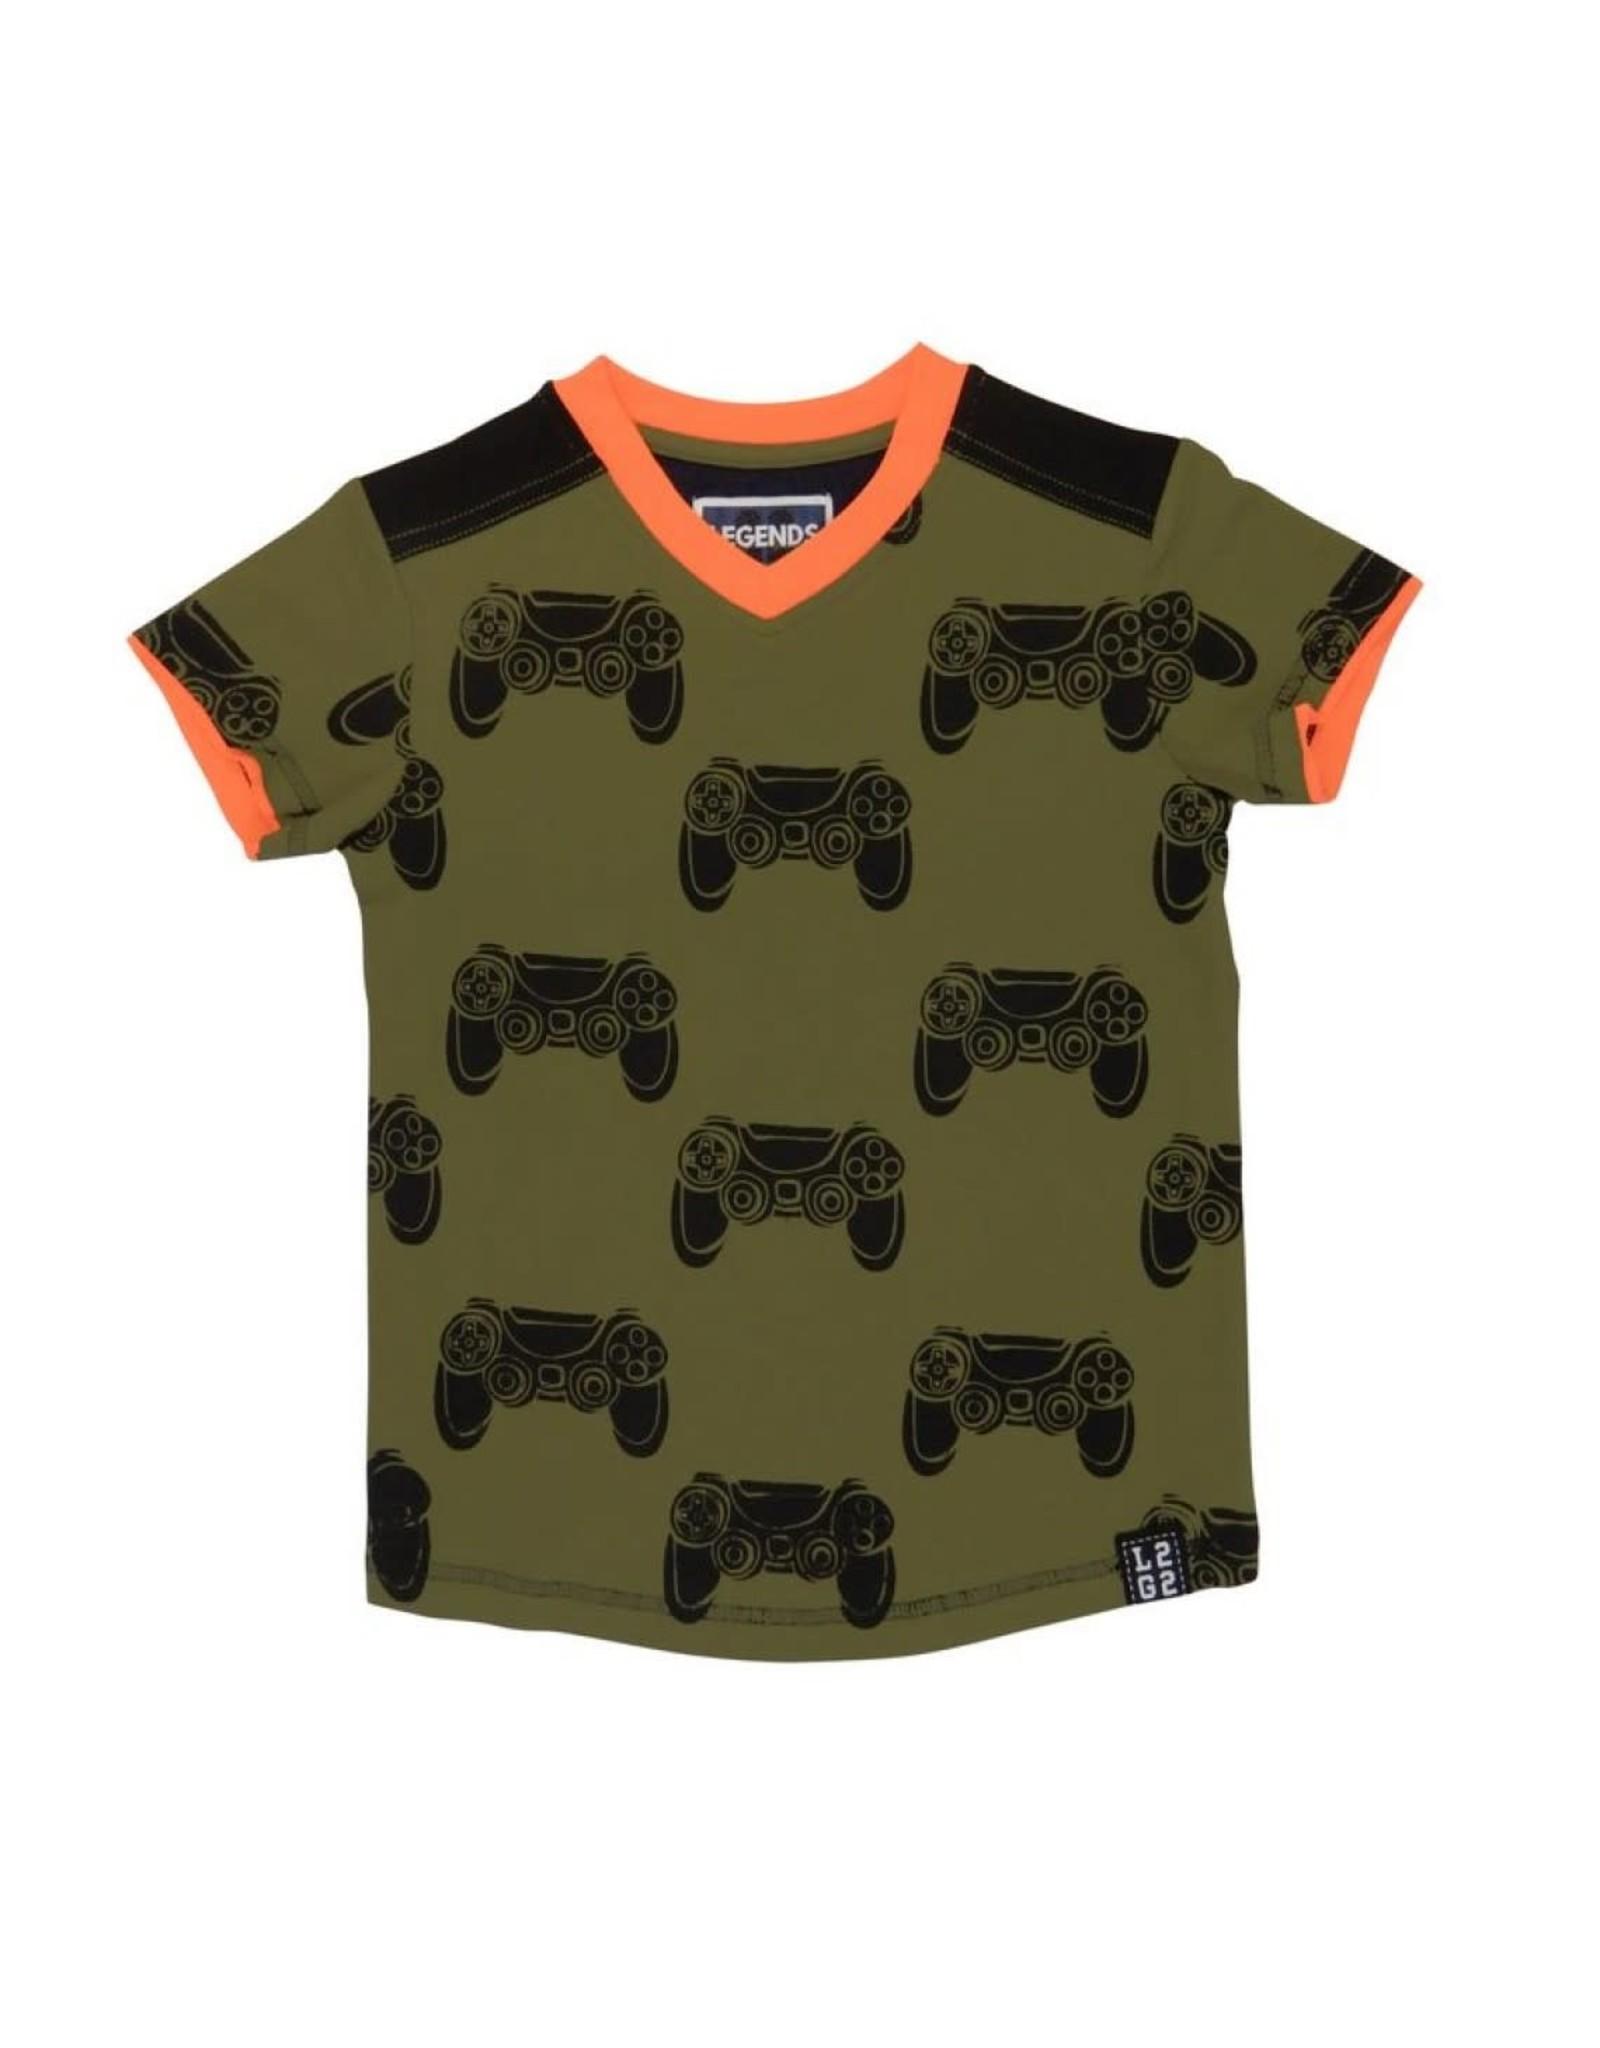 Legends jongens t-shirt Controller